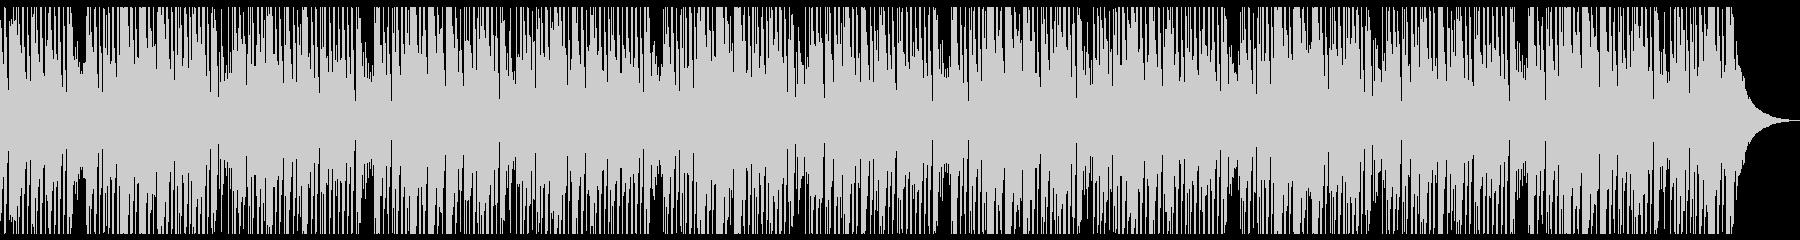 さわやかな話をするときにピッタリなBGMの未再生の波形